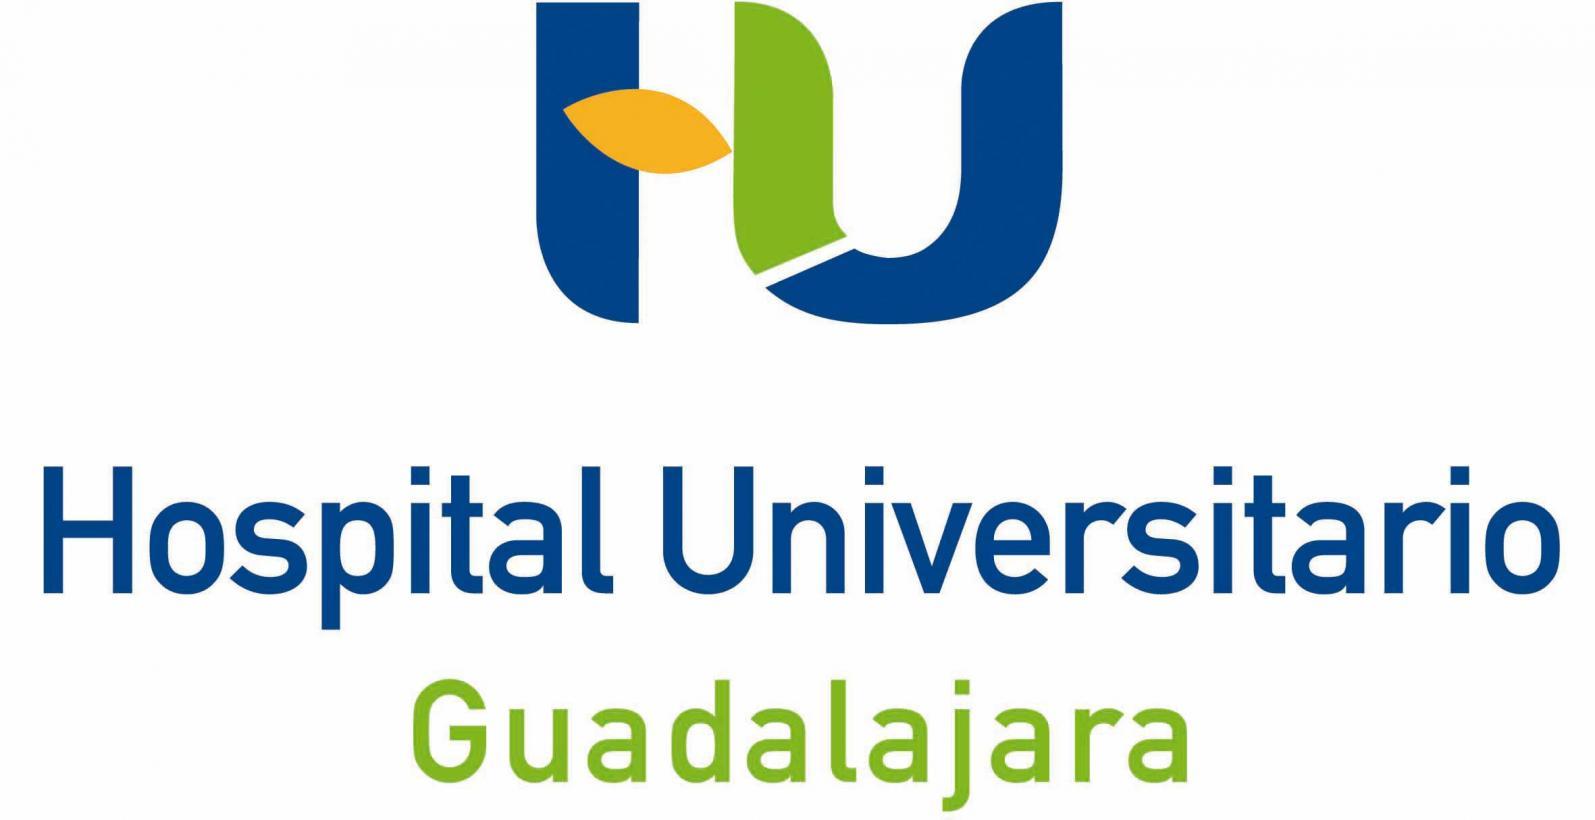 EL HOSPITAL UNIVERSITARIO DE GUADALAJARA SE SUMA AL PARQUE CIENTÍFICO Y TECNOLÓGICO EN LA SEMANA DE LA CIENCIA EN GUADALAJARA.